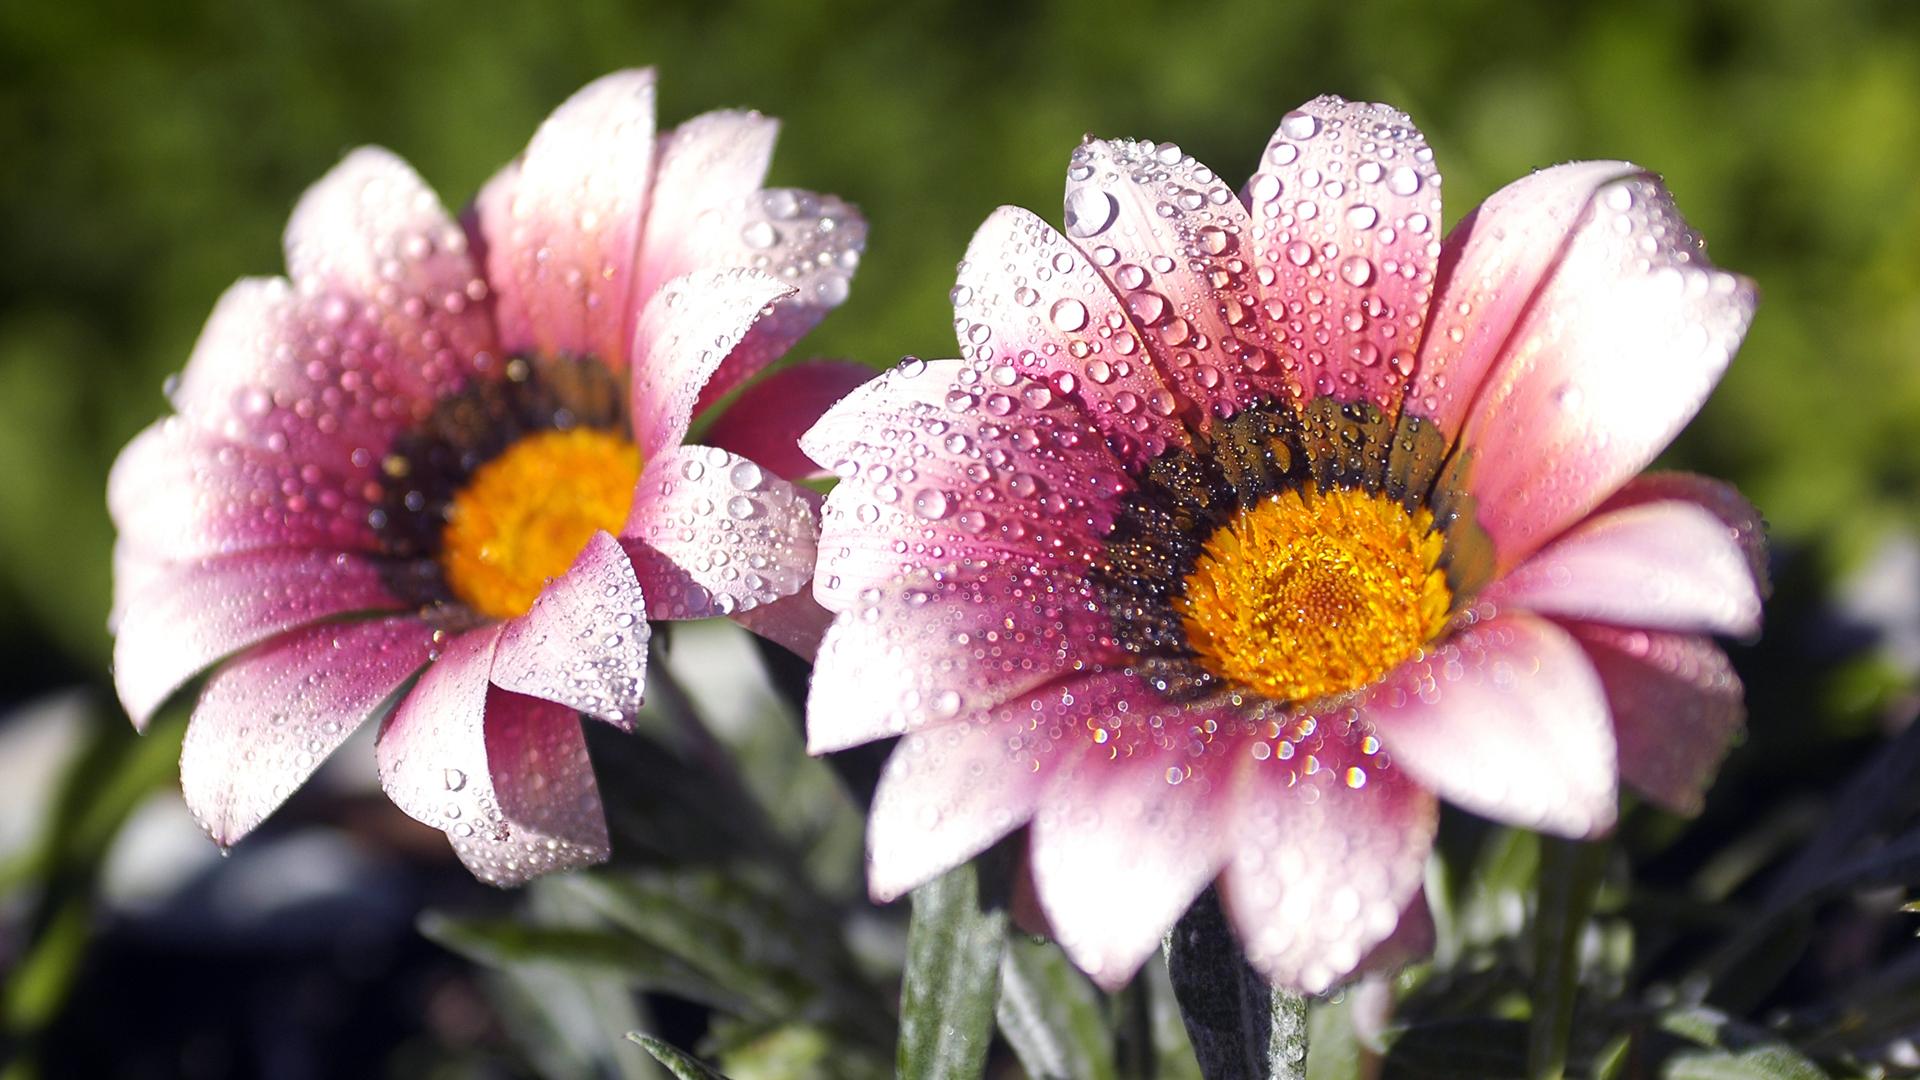 hd flower wallpapers